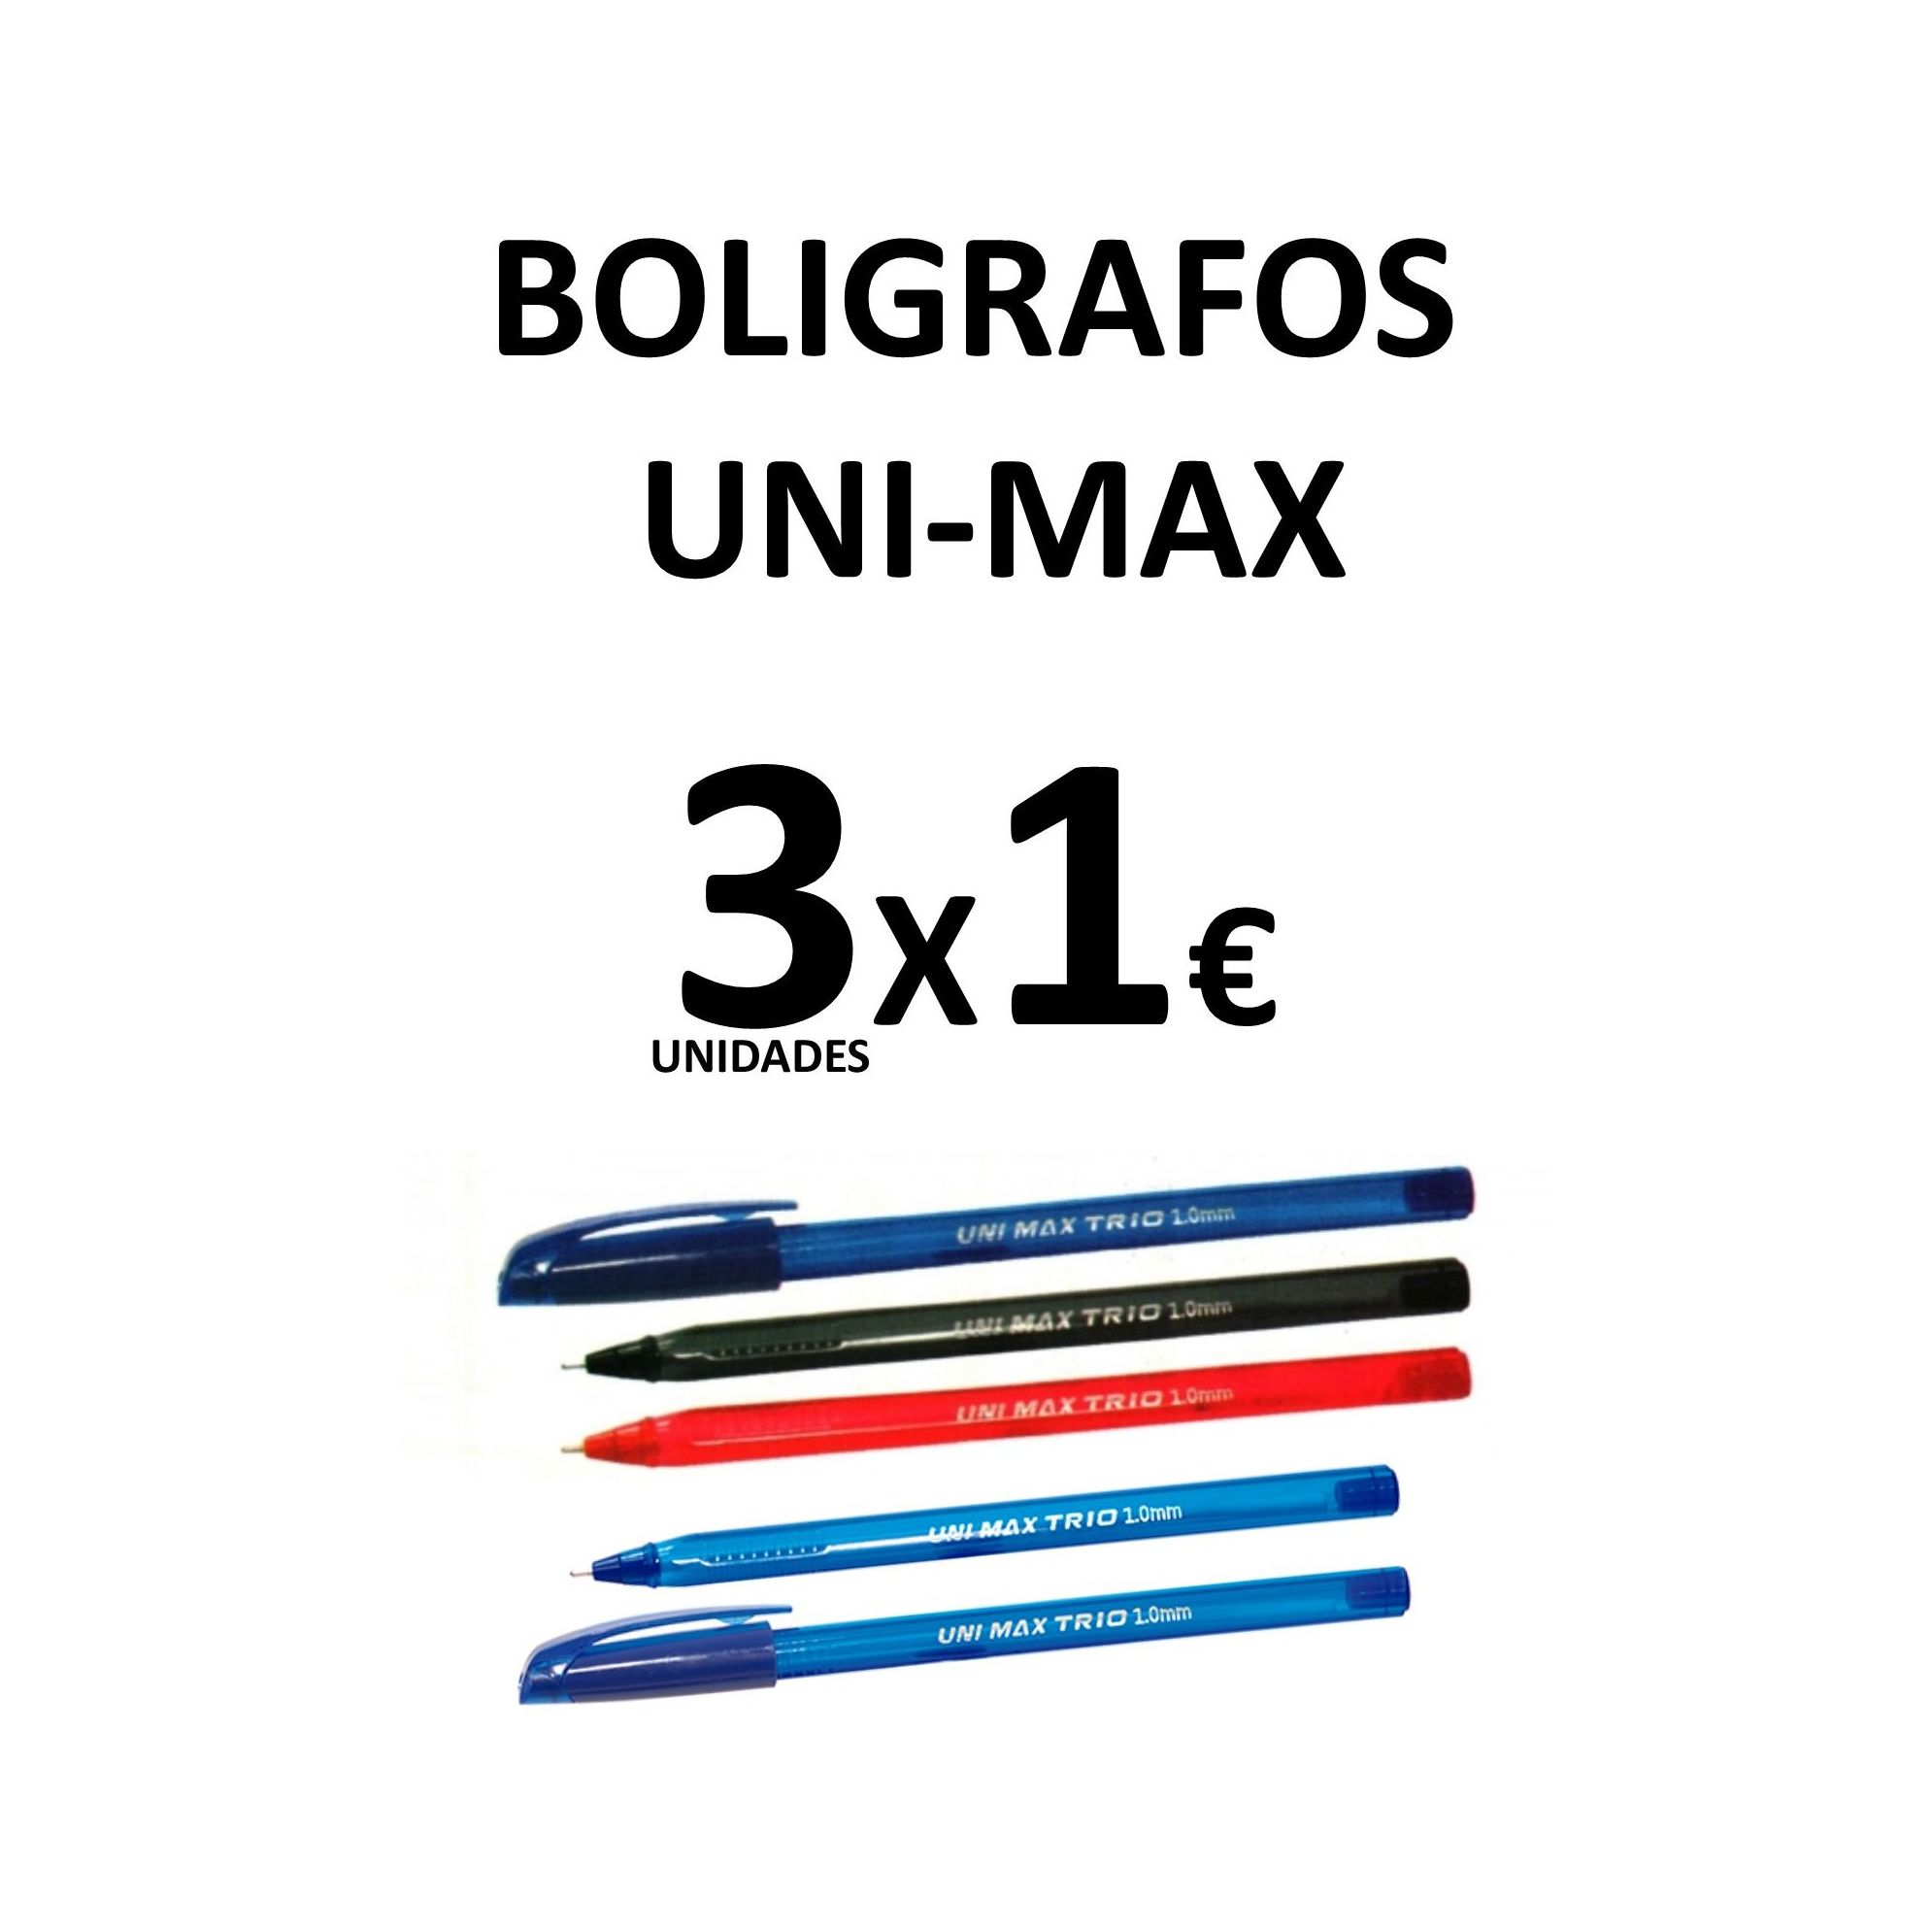 Oferta bolígrafos